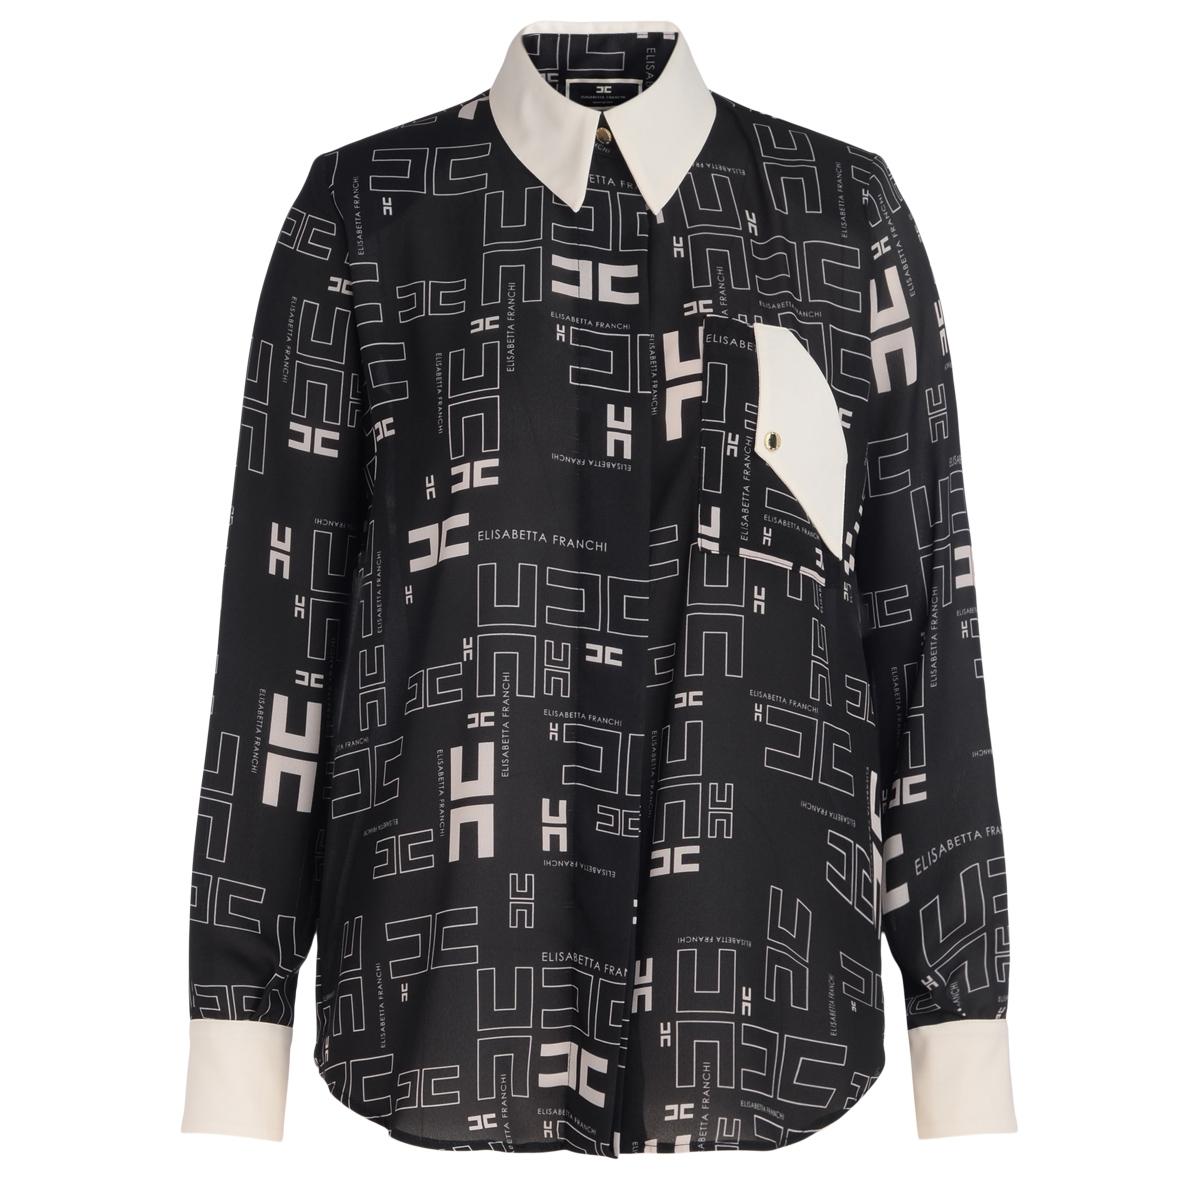 Camicia nera con stampa logo bicolor - ELISABETTA FRANCHI - Modalova